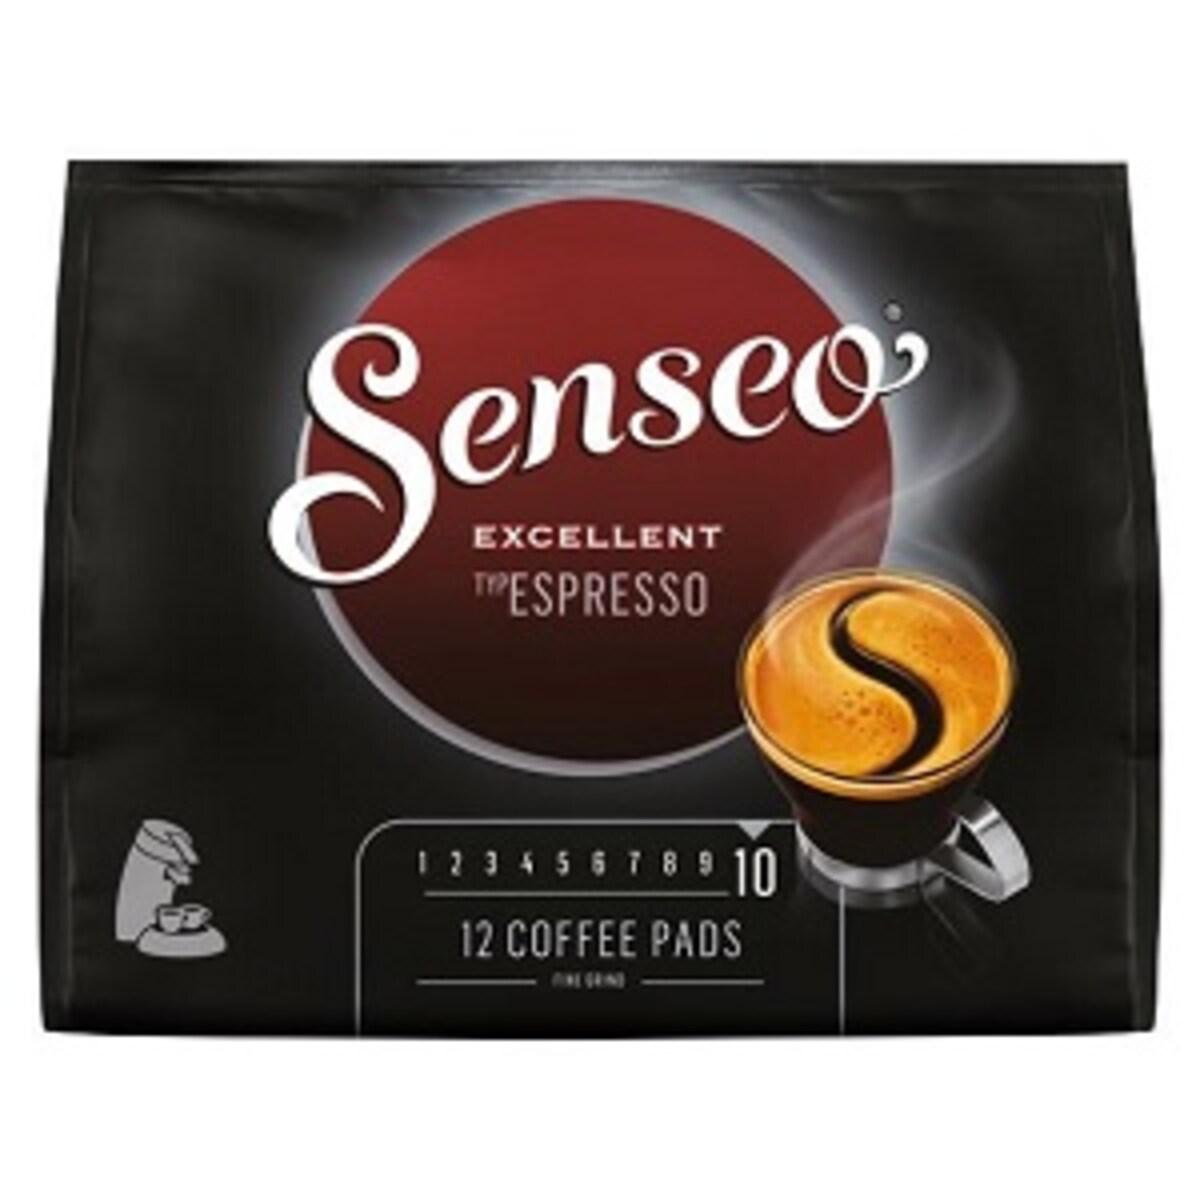 Senseo Excellent espresso 12бр пада за Сенсео кафемашина